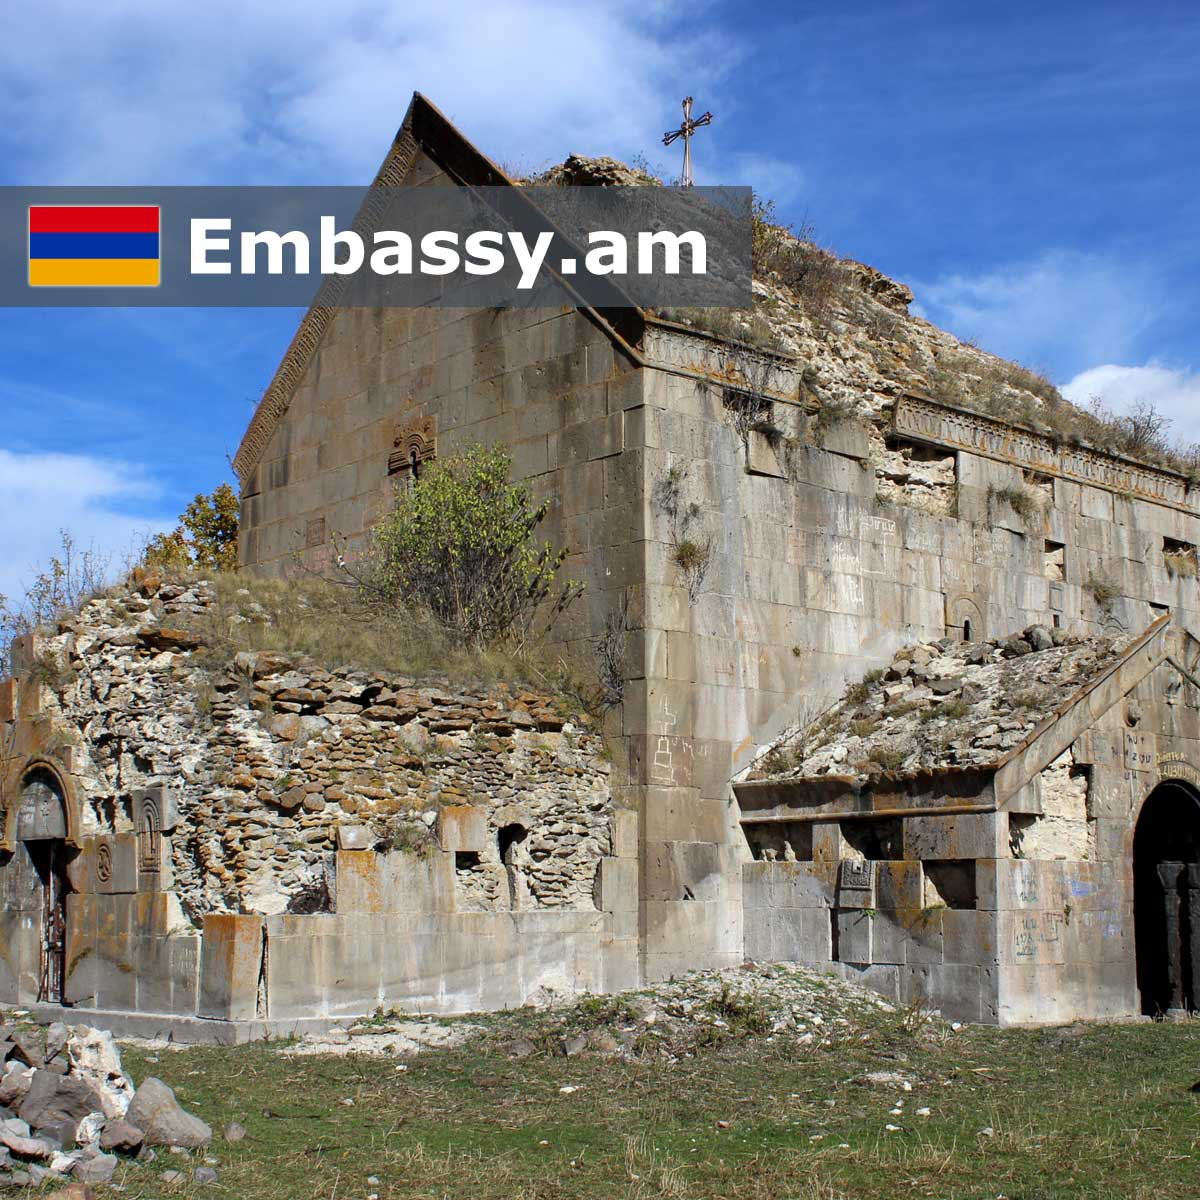 Меградзор - Отели в Армении - Embassy.am